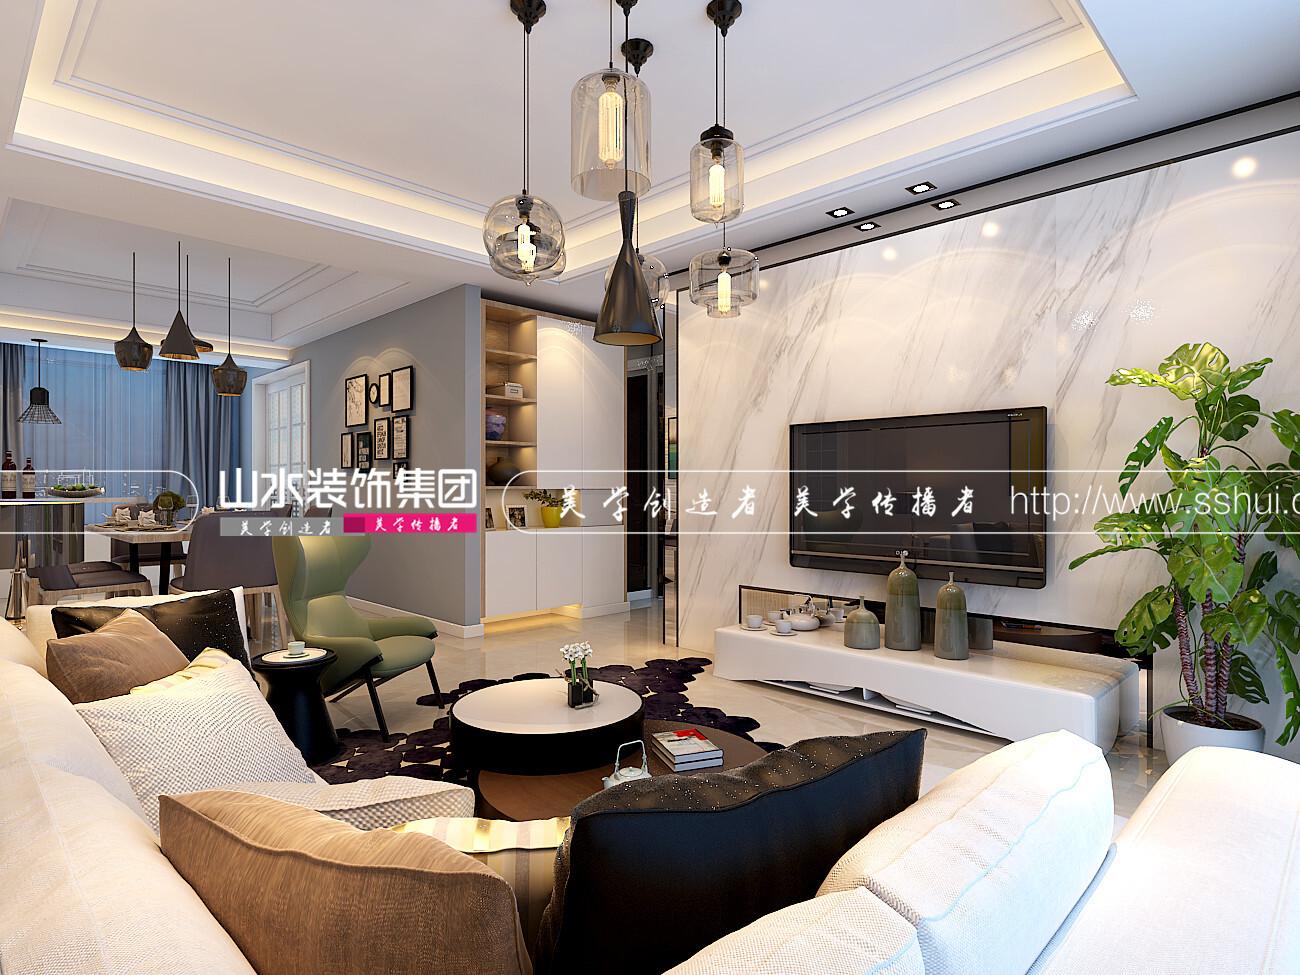 萬達華府現代風格裝修效果圖-127平米三居室